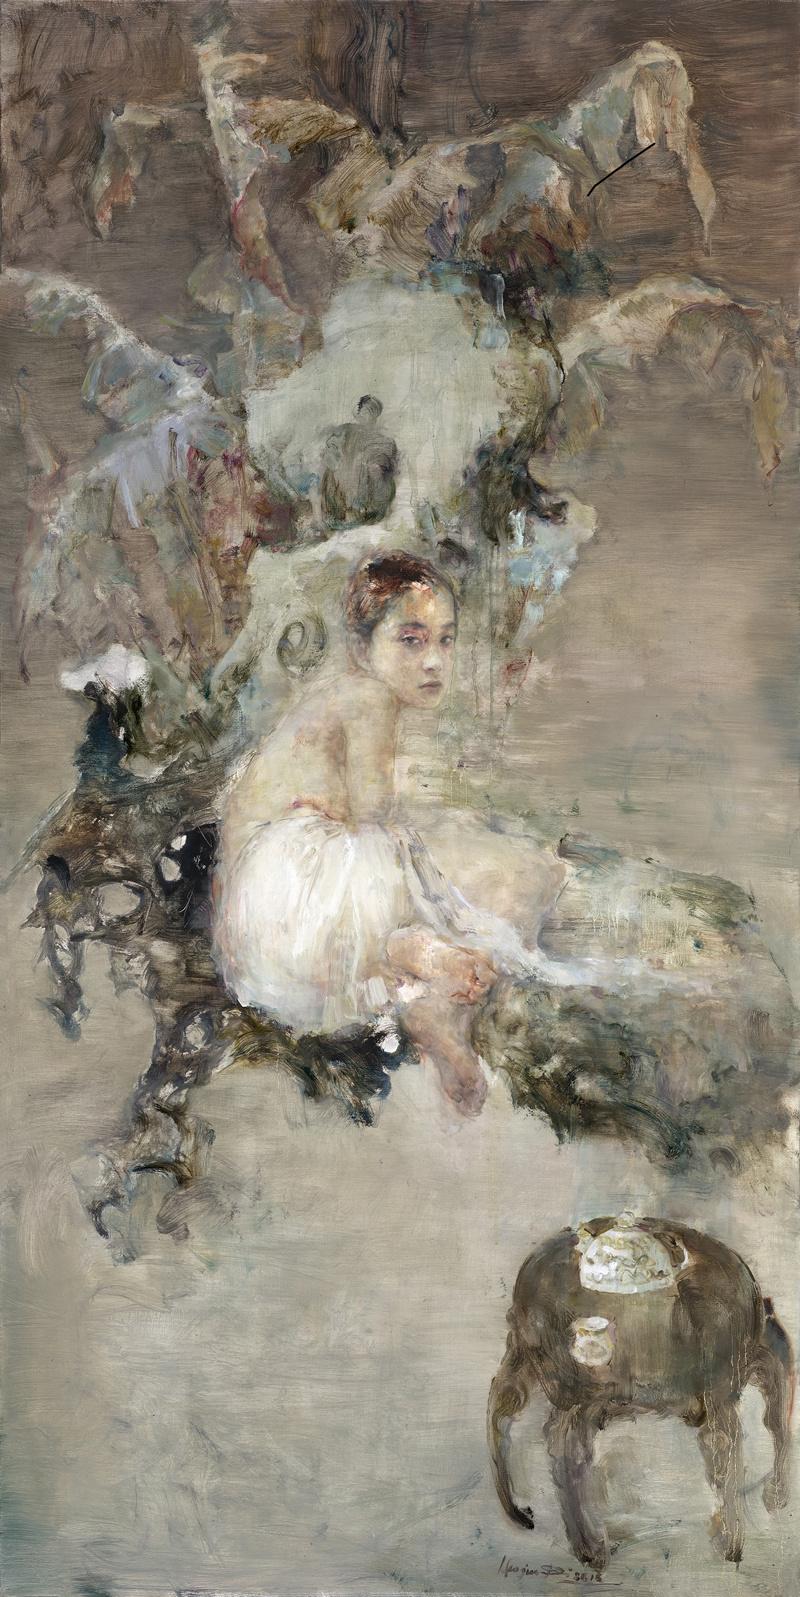 Hu Jun Di. Solitude